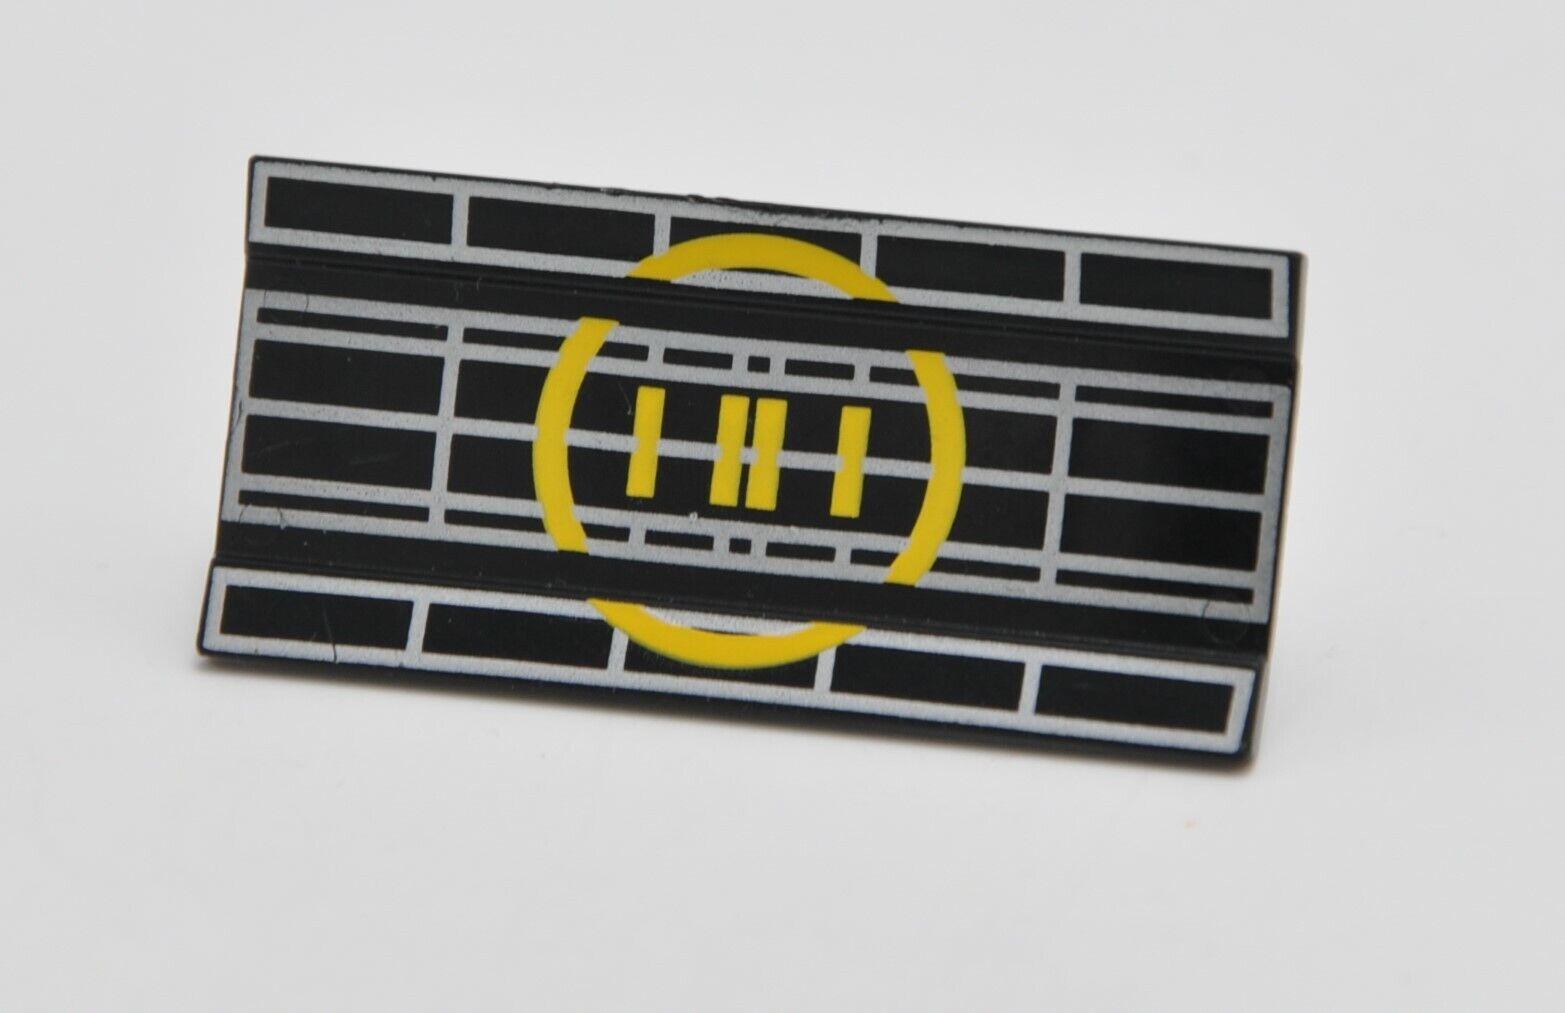 Lego 2440p69 Space Classic Radar aus 6989